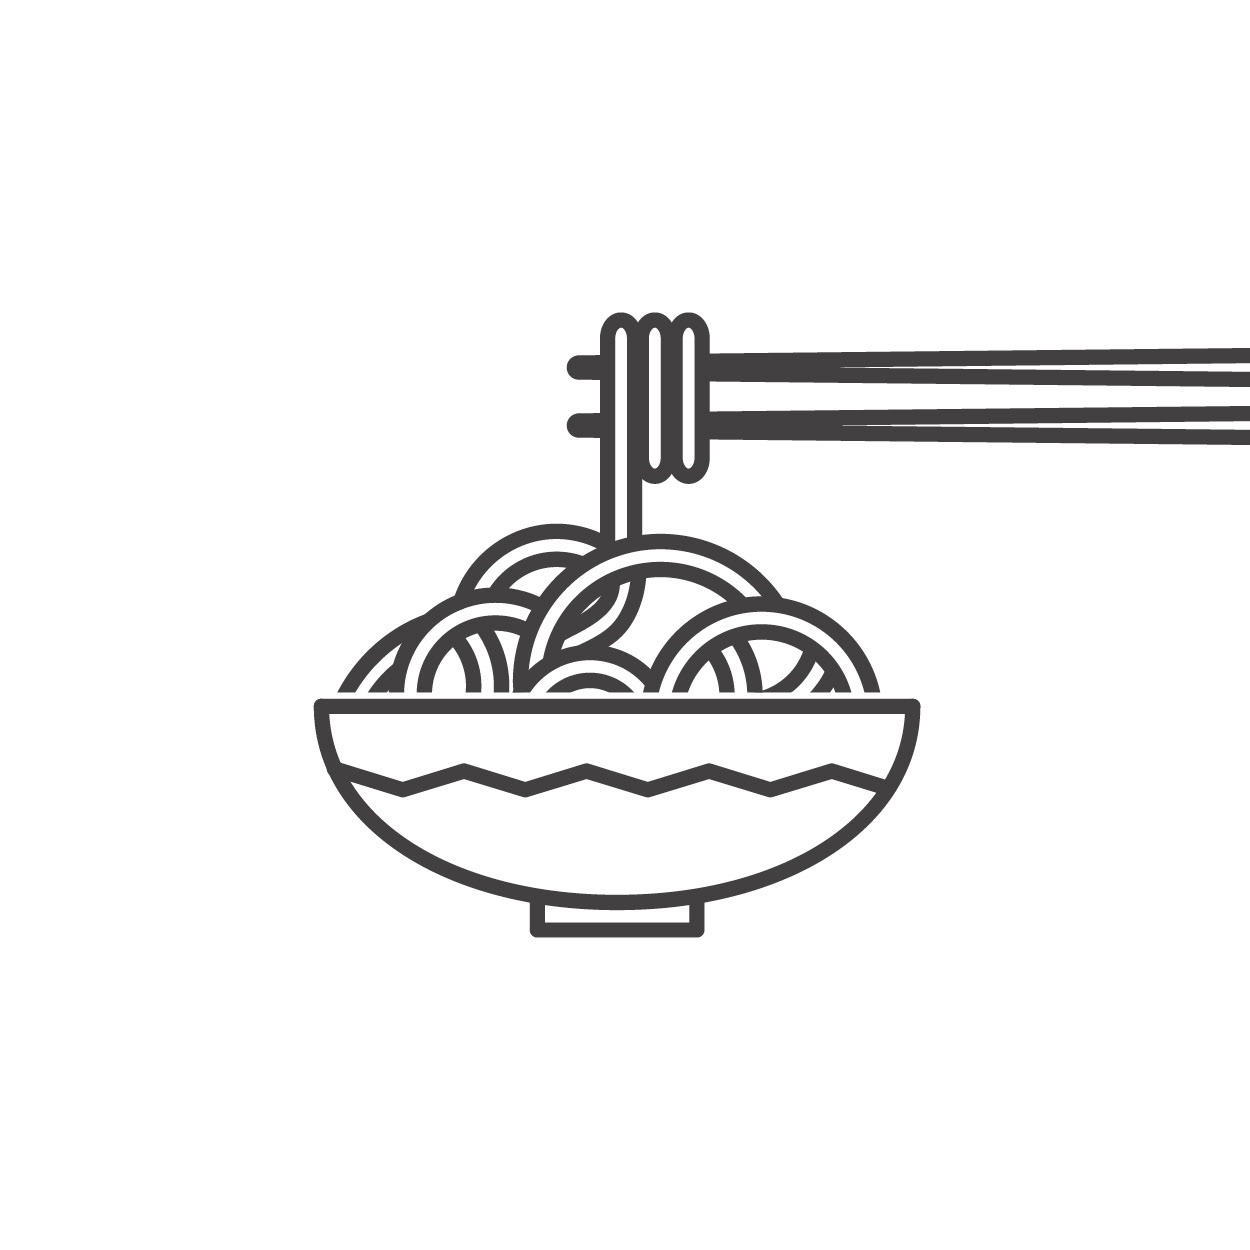 简笔画 设计 矢量 矢量图 手绘 素材 线稿 1250_1250